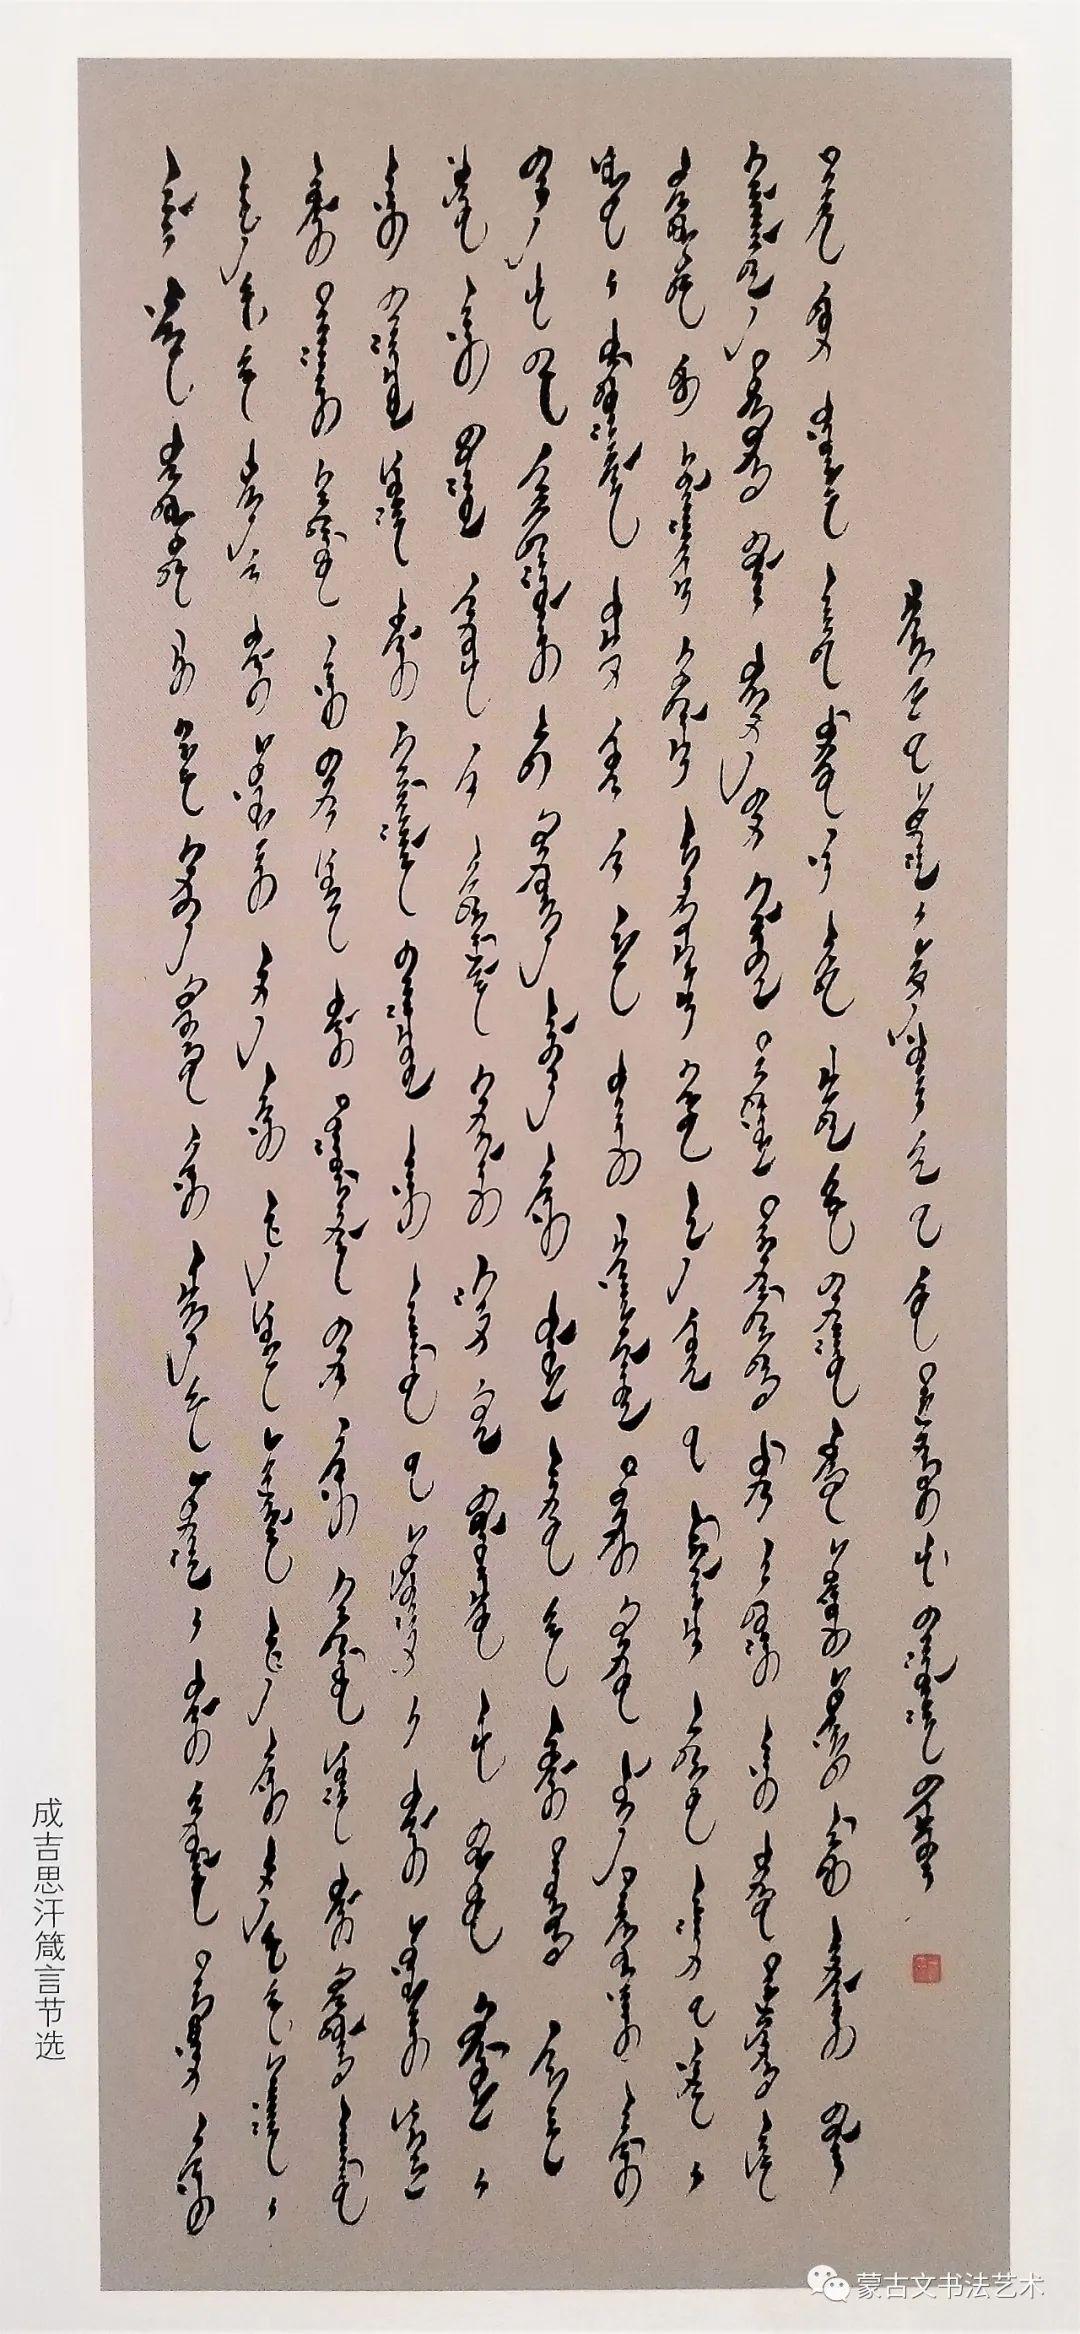 朱德林蒙古文书法作品欣赏 第4张 朱德林蒙古文书法作品欣赏 蒙古书法